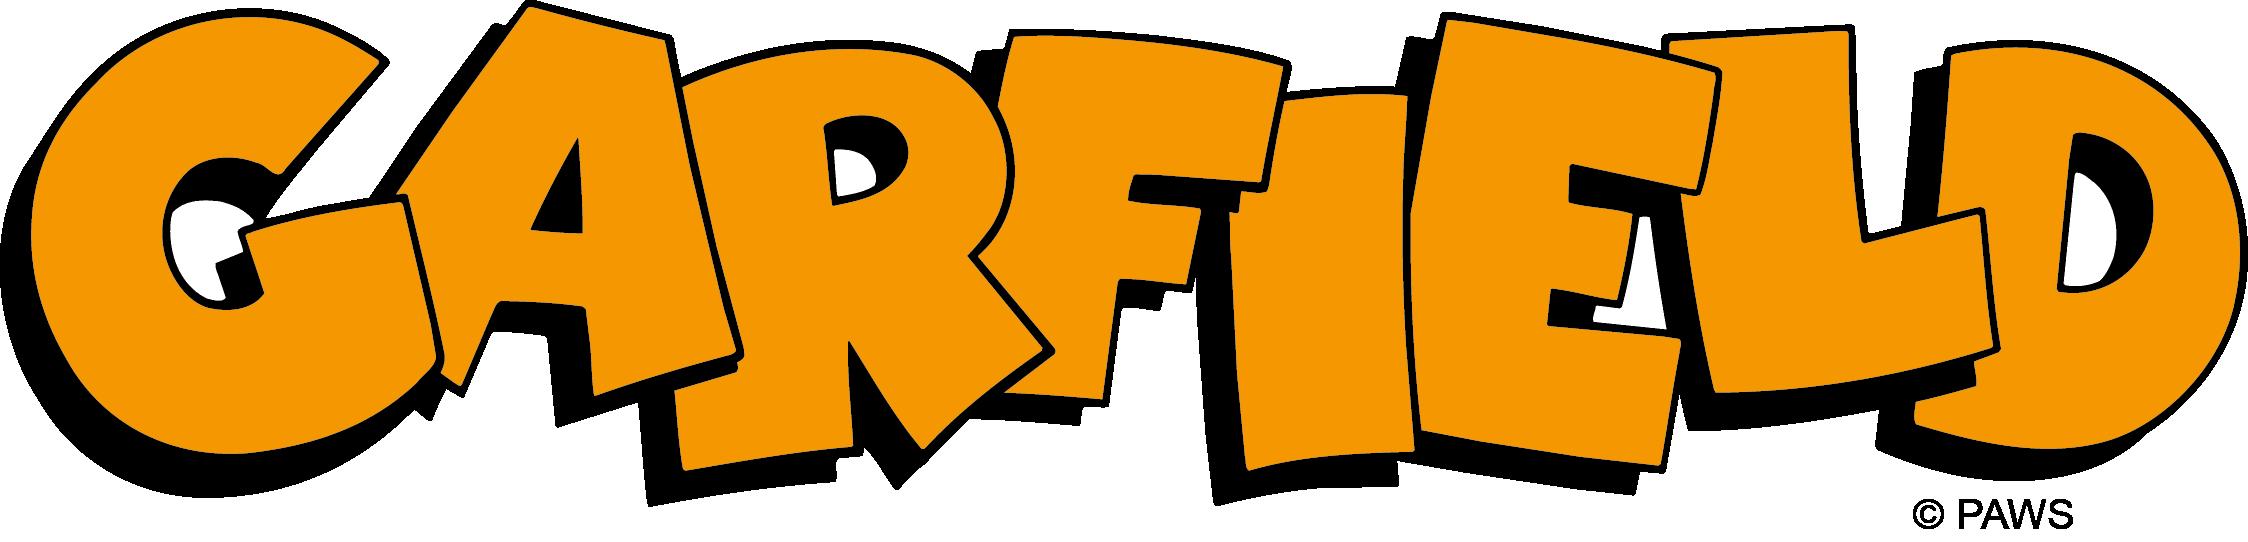 Garfield-Logo-Wallpaper.png